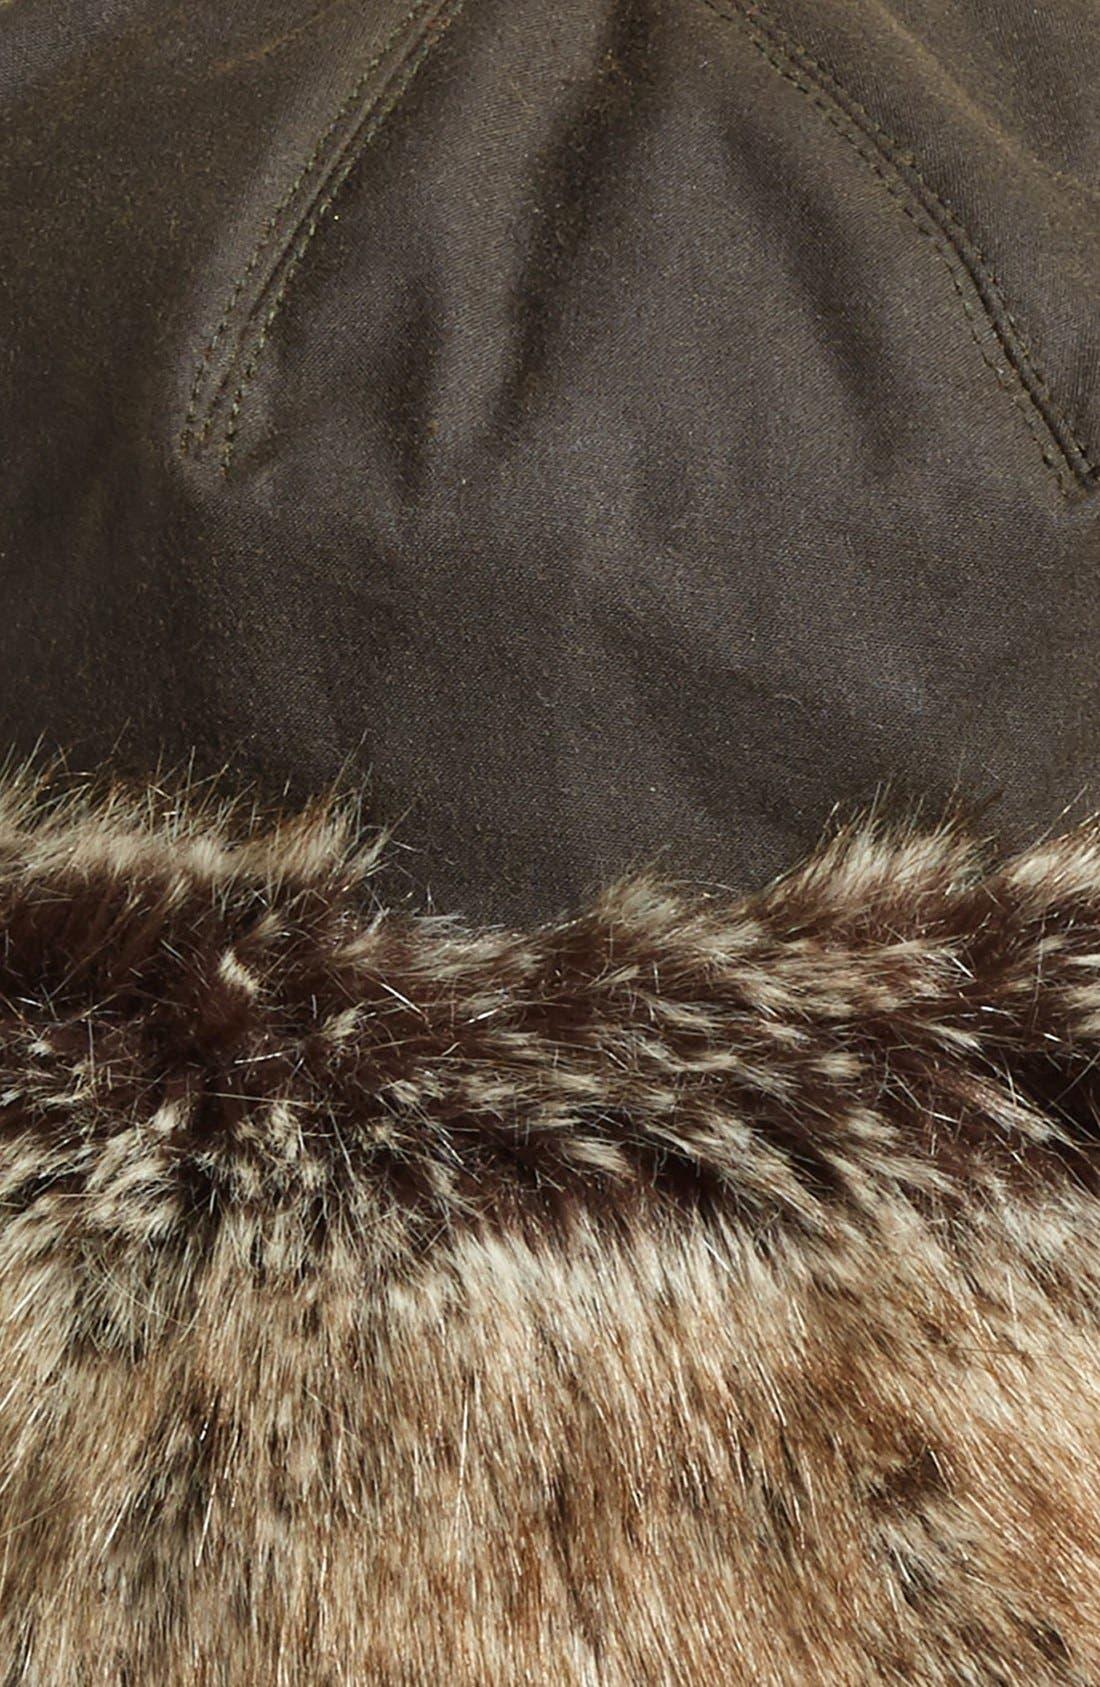 'Ambush' Waxed Cotton Hat with Faux Fur Trim,                             Alternate thumbnail 2, color,                             OLIVE